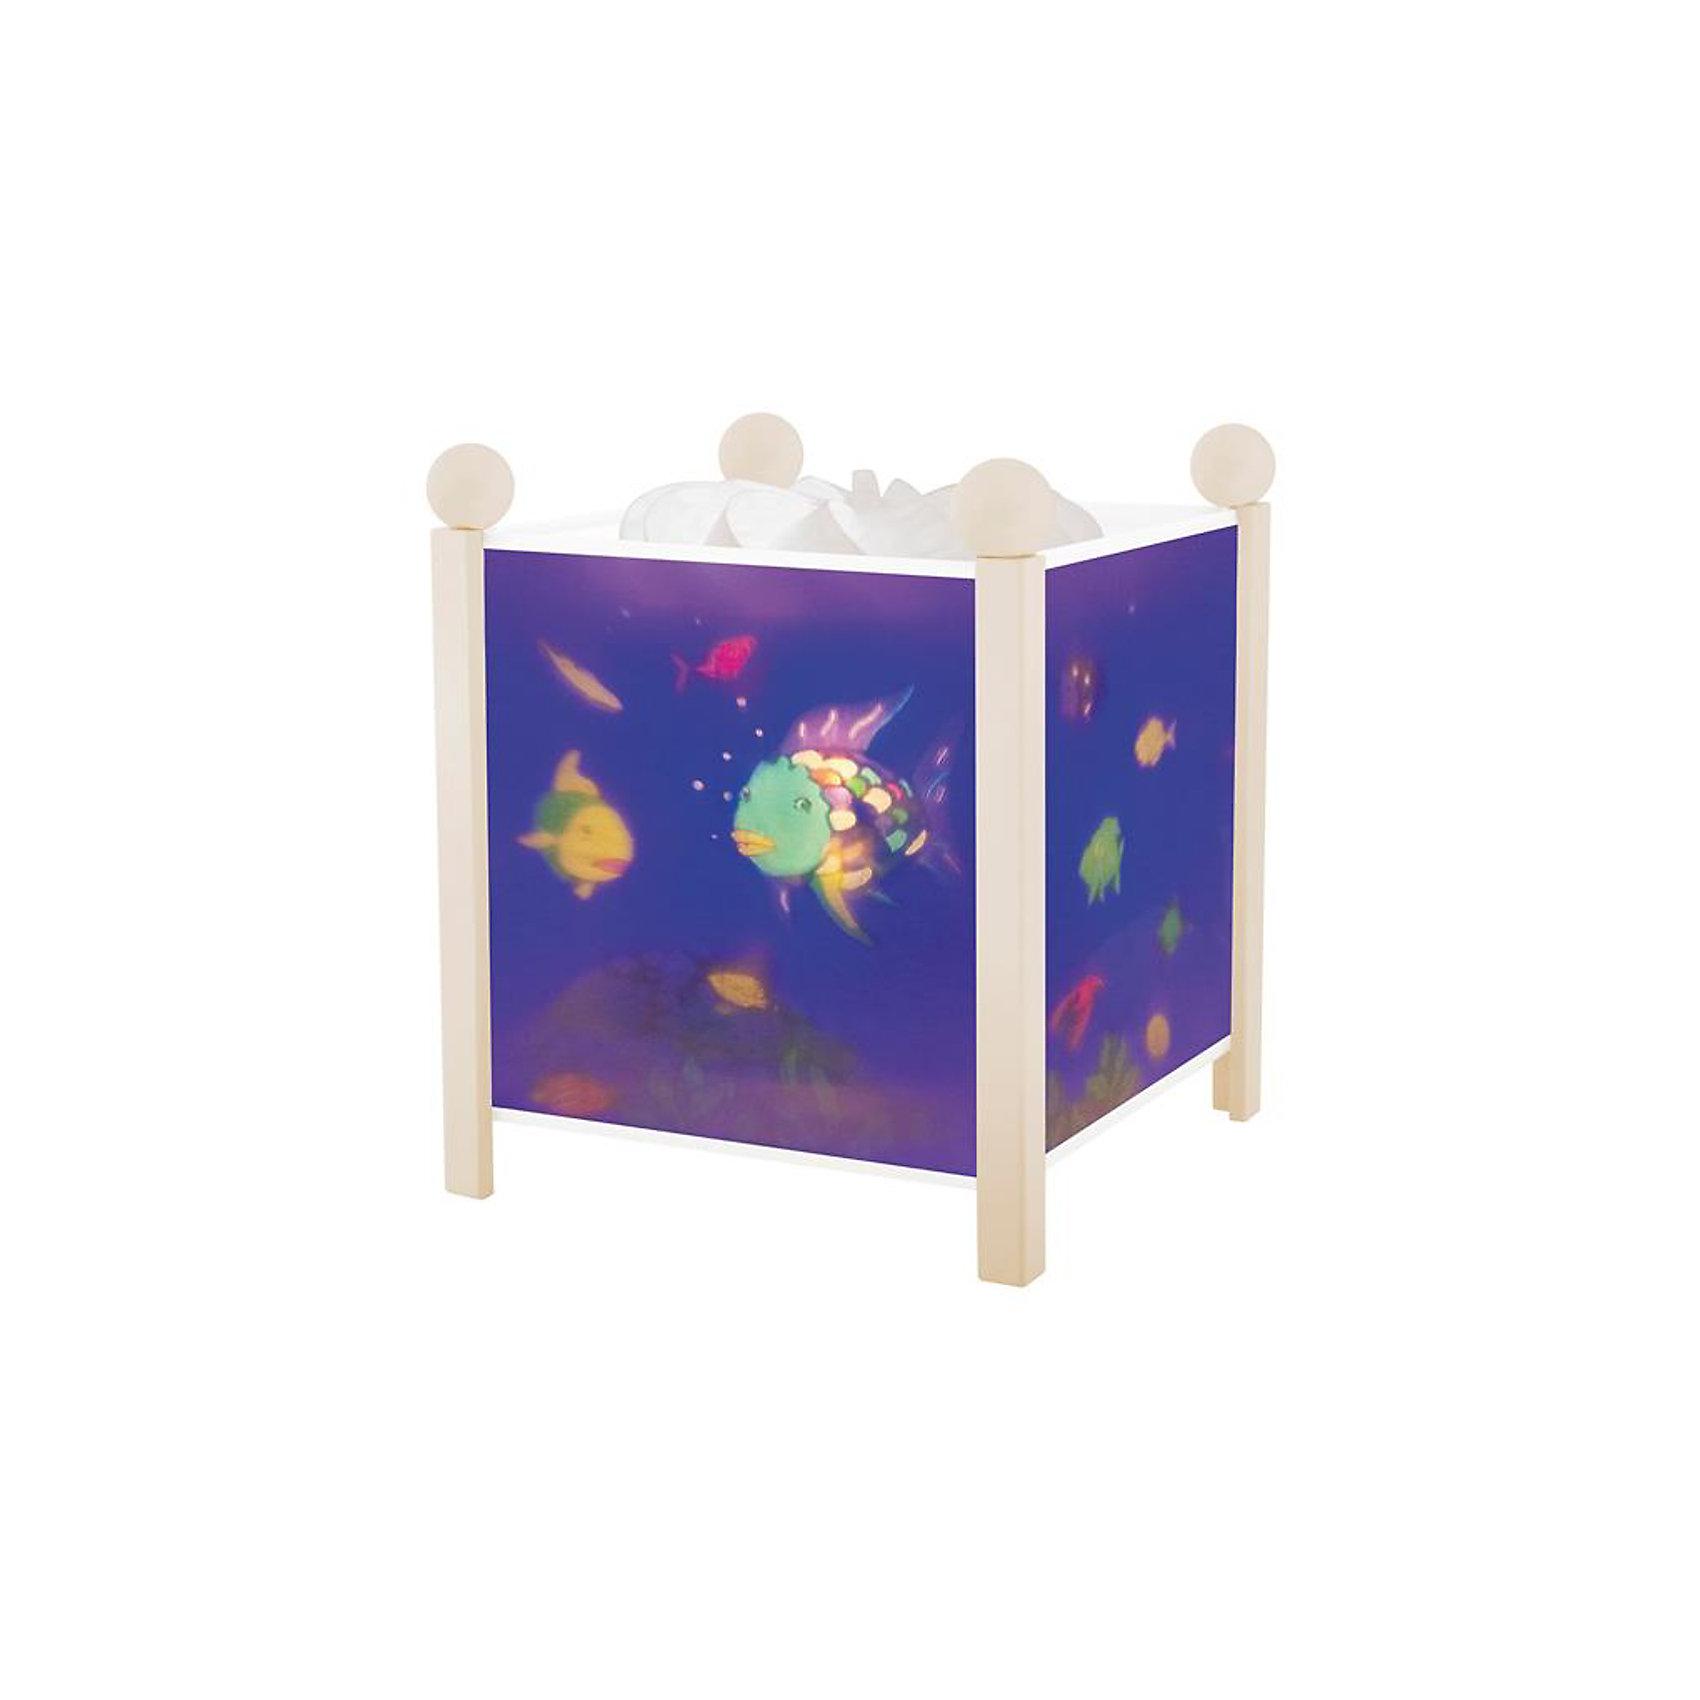 Светильник-ночник Аквариум, 12V, TrousselierСветильник-ночник Аквариум, 12V, Trousselier сделан в виде симпатичной игрушки, которая делает приятным и уютным погружение в сладкий мир сновидений.<br><br>Он светится нежным мягким светом, не раздражающим глазки даже ночью. Внутрь светильника встроен специальный механизм, вращающий цилиндр ночника от тепла лампочки.  Ночник упакован в праздничную коробку, что дает возможность преподнести его в качестве подарка на праздник.<br><br>Дополнительная информация:<br><br>- Цилиндр ночника вращается благодаря  системе нагрева от лампочки 12 V 20 W, розетка E 14.C. <br>- Размер: 16,50 см x 19 см. <br>- Материал: металлический корпус, деревянные ножки и углы, пластиковый, жароустойчивый цилиндр.<br>- Вес: 1037 г<br>- Поставляется в подарочной упаковке.<br>Соответствует нормам безопасности: CE EN 60598-2-10<br><br>Светильник-ночник Аквариум, 12V, Trousselier можно купить в нашем магазине.<br><br>Ширина мм: 160<br>Глубина мм: 160<br>Высота мм: 190<br>Вес г: 1037<br>Возраст от месяцев: 36<br>Возраст до месяцев: 144<br>Пол: Унисекс<br>Возраст: Детский<br>SKU: 3807749